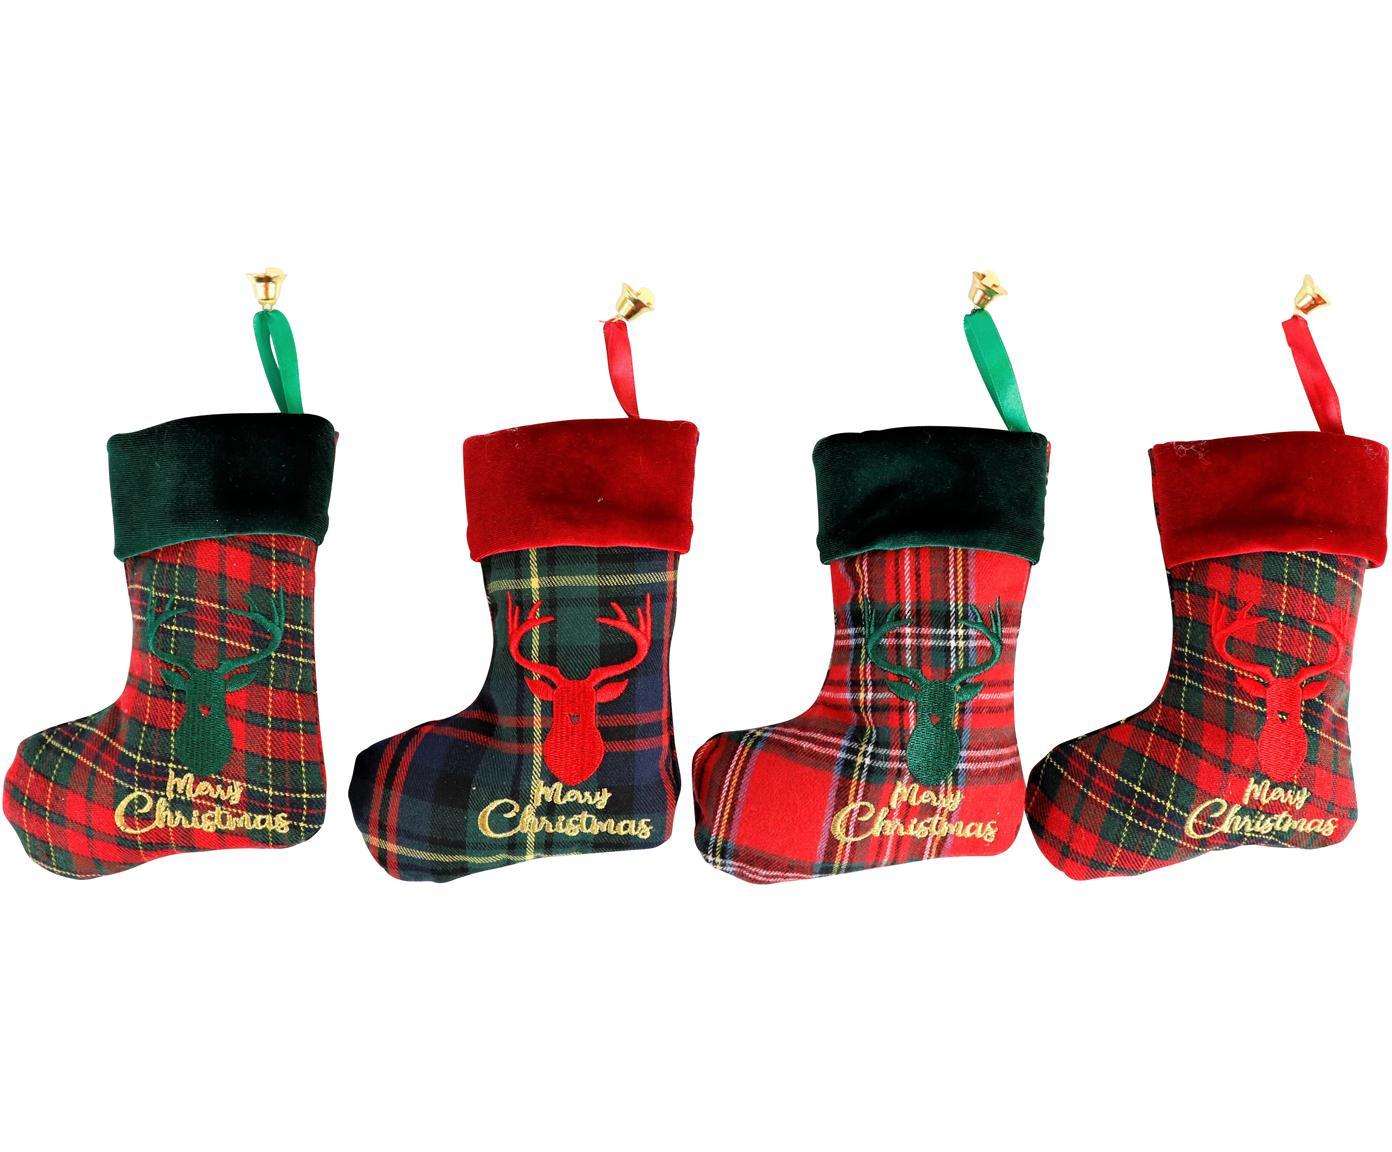 Komplet dekoracji Merry Christmas, 4 elem., Poliester, bawełna, Zielony, czerwony, czarny, S 14 x D 17 cm